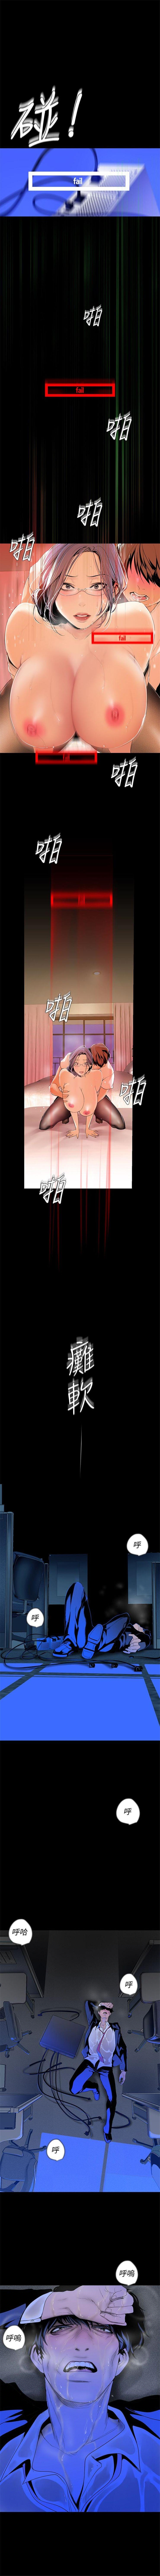 美麗新世界 1-85 官方中文(連載中) 382